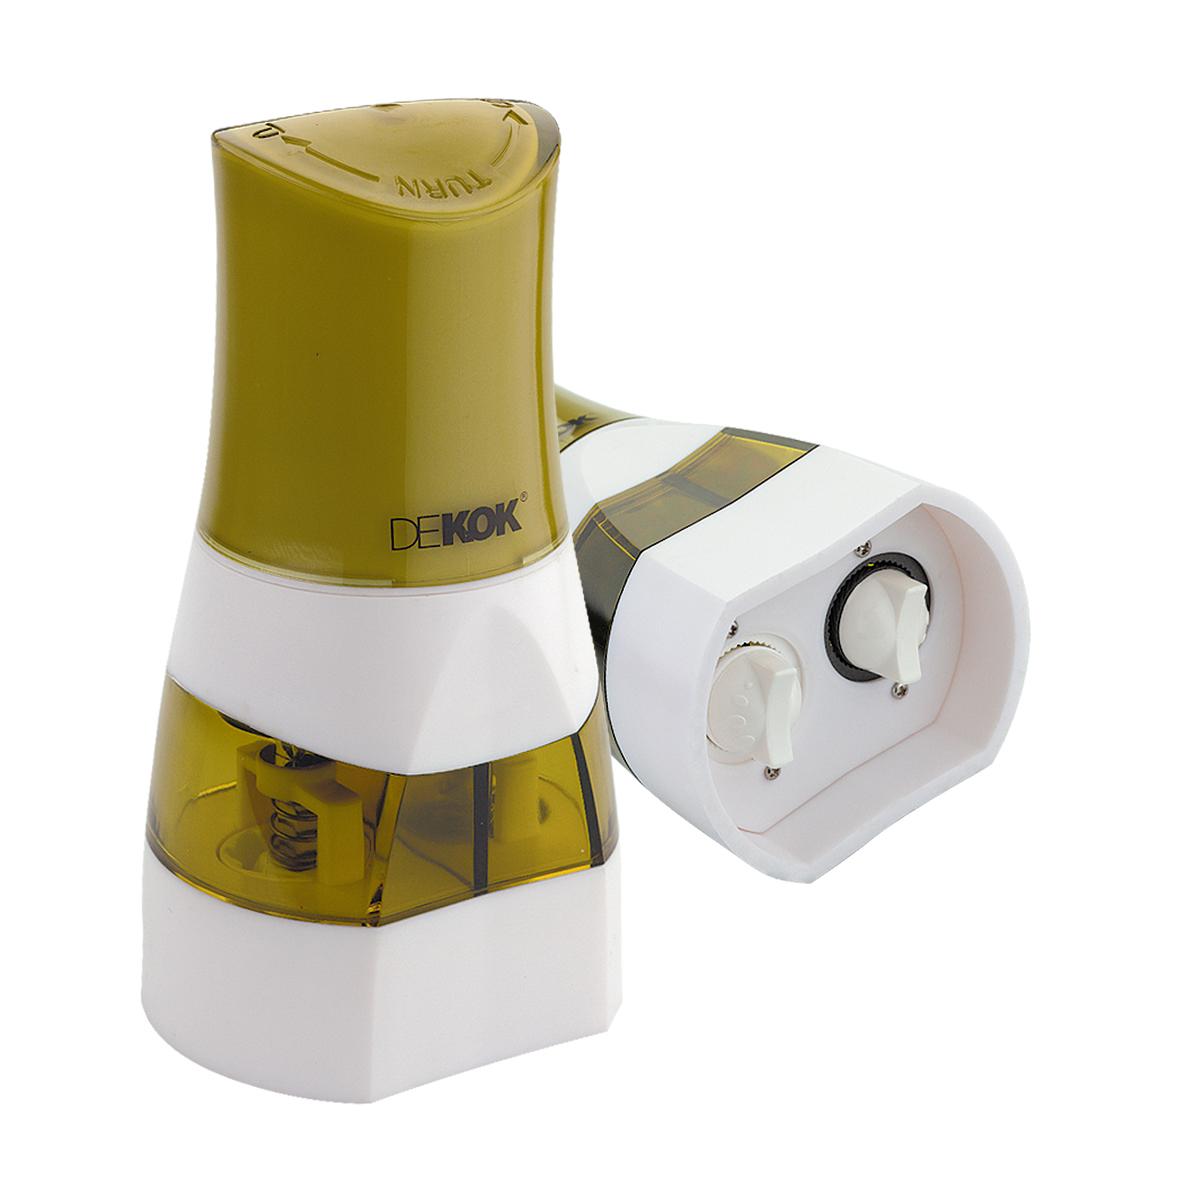 Прибор для измельчения специй Dekok, цвет: фисташковый, белый54 009312Прибор для измельчения специй Dekok изготовлен из ударопрочного акрила и нержавеющей стали. Помолочный механизм выполнен из керамики. Инновационный дизайн позволяет легко наполнять измельчитель и попеременно перемалывать 2 специи. Механизм оснащен регулятором размера помола. Прибор легко открывается, достаточно лишь потянуть вверх ручки помола. Идеально подходит для хранения специй и приправ.